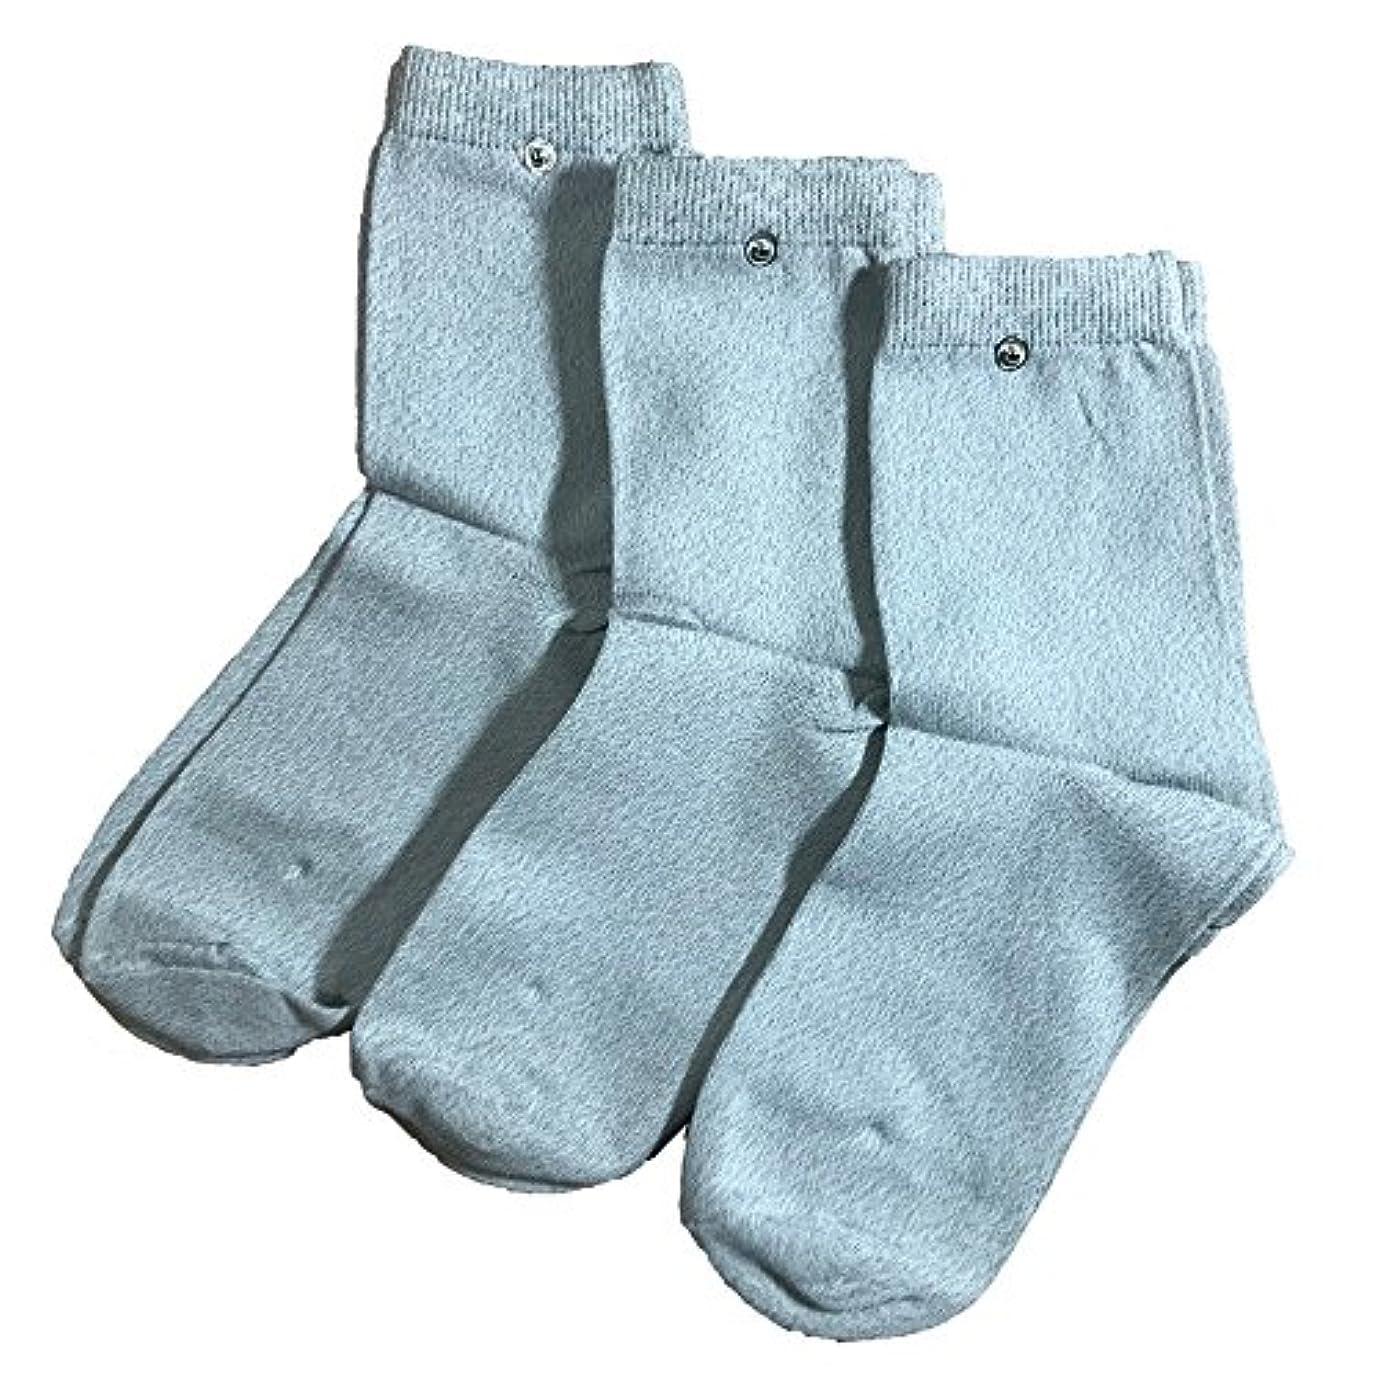 riraku-life(??????) 大地と繋がるアーシング健康法用 アーシングソックス(high) お徳用3足セット 導電性靴下 (3) (M)